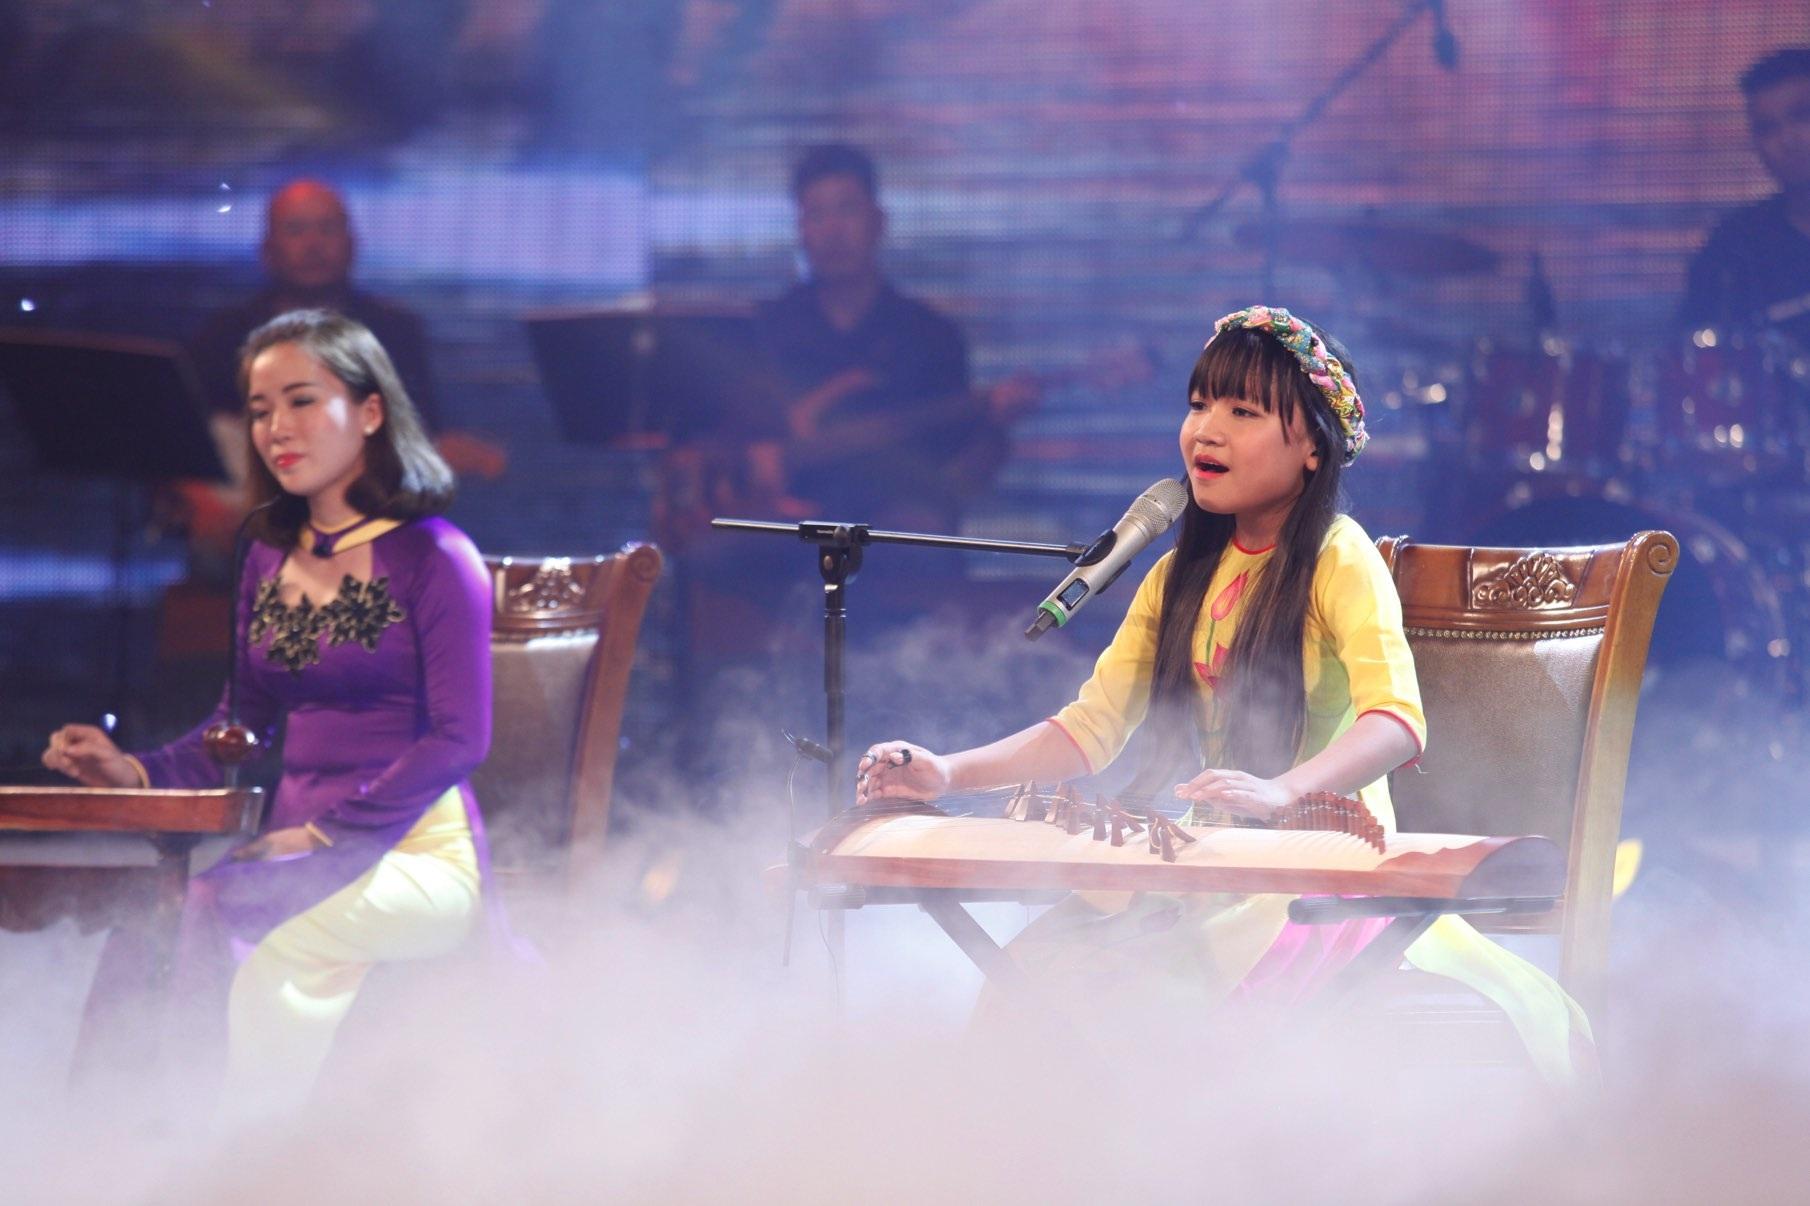 """Bé Quỳnh Anh thể hiện ca khúc """"Ai ra xứ huế"""" - phần trình diễn tuyệt vời với chất giọng ngọt ngào, luyến láy rất chuyên nghiệp. Khán giả ủng hộ nhiệt tình cho phần trình diễn này."""